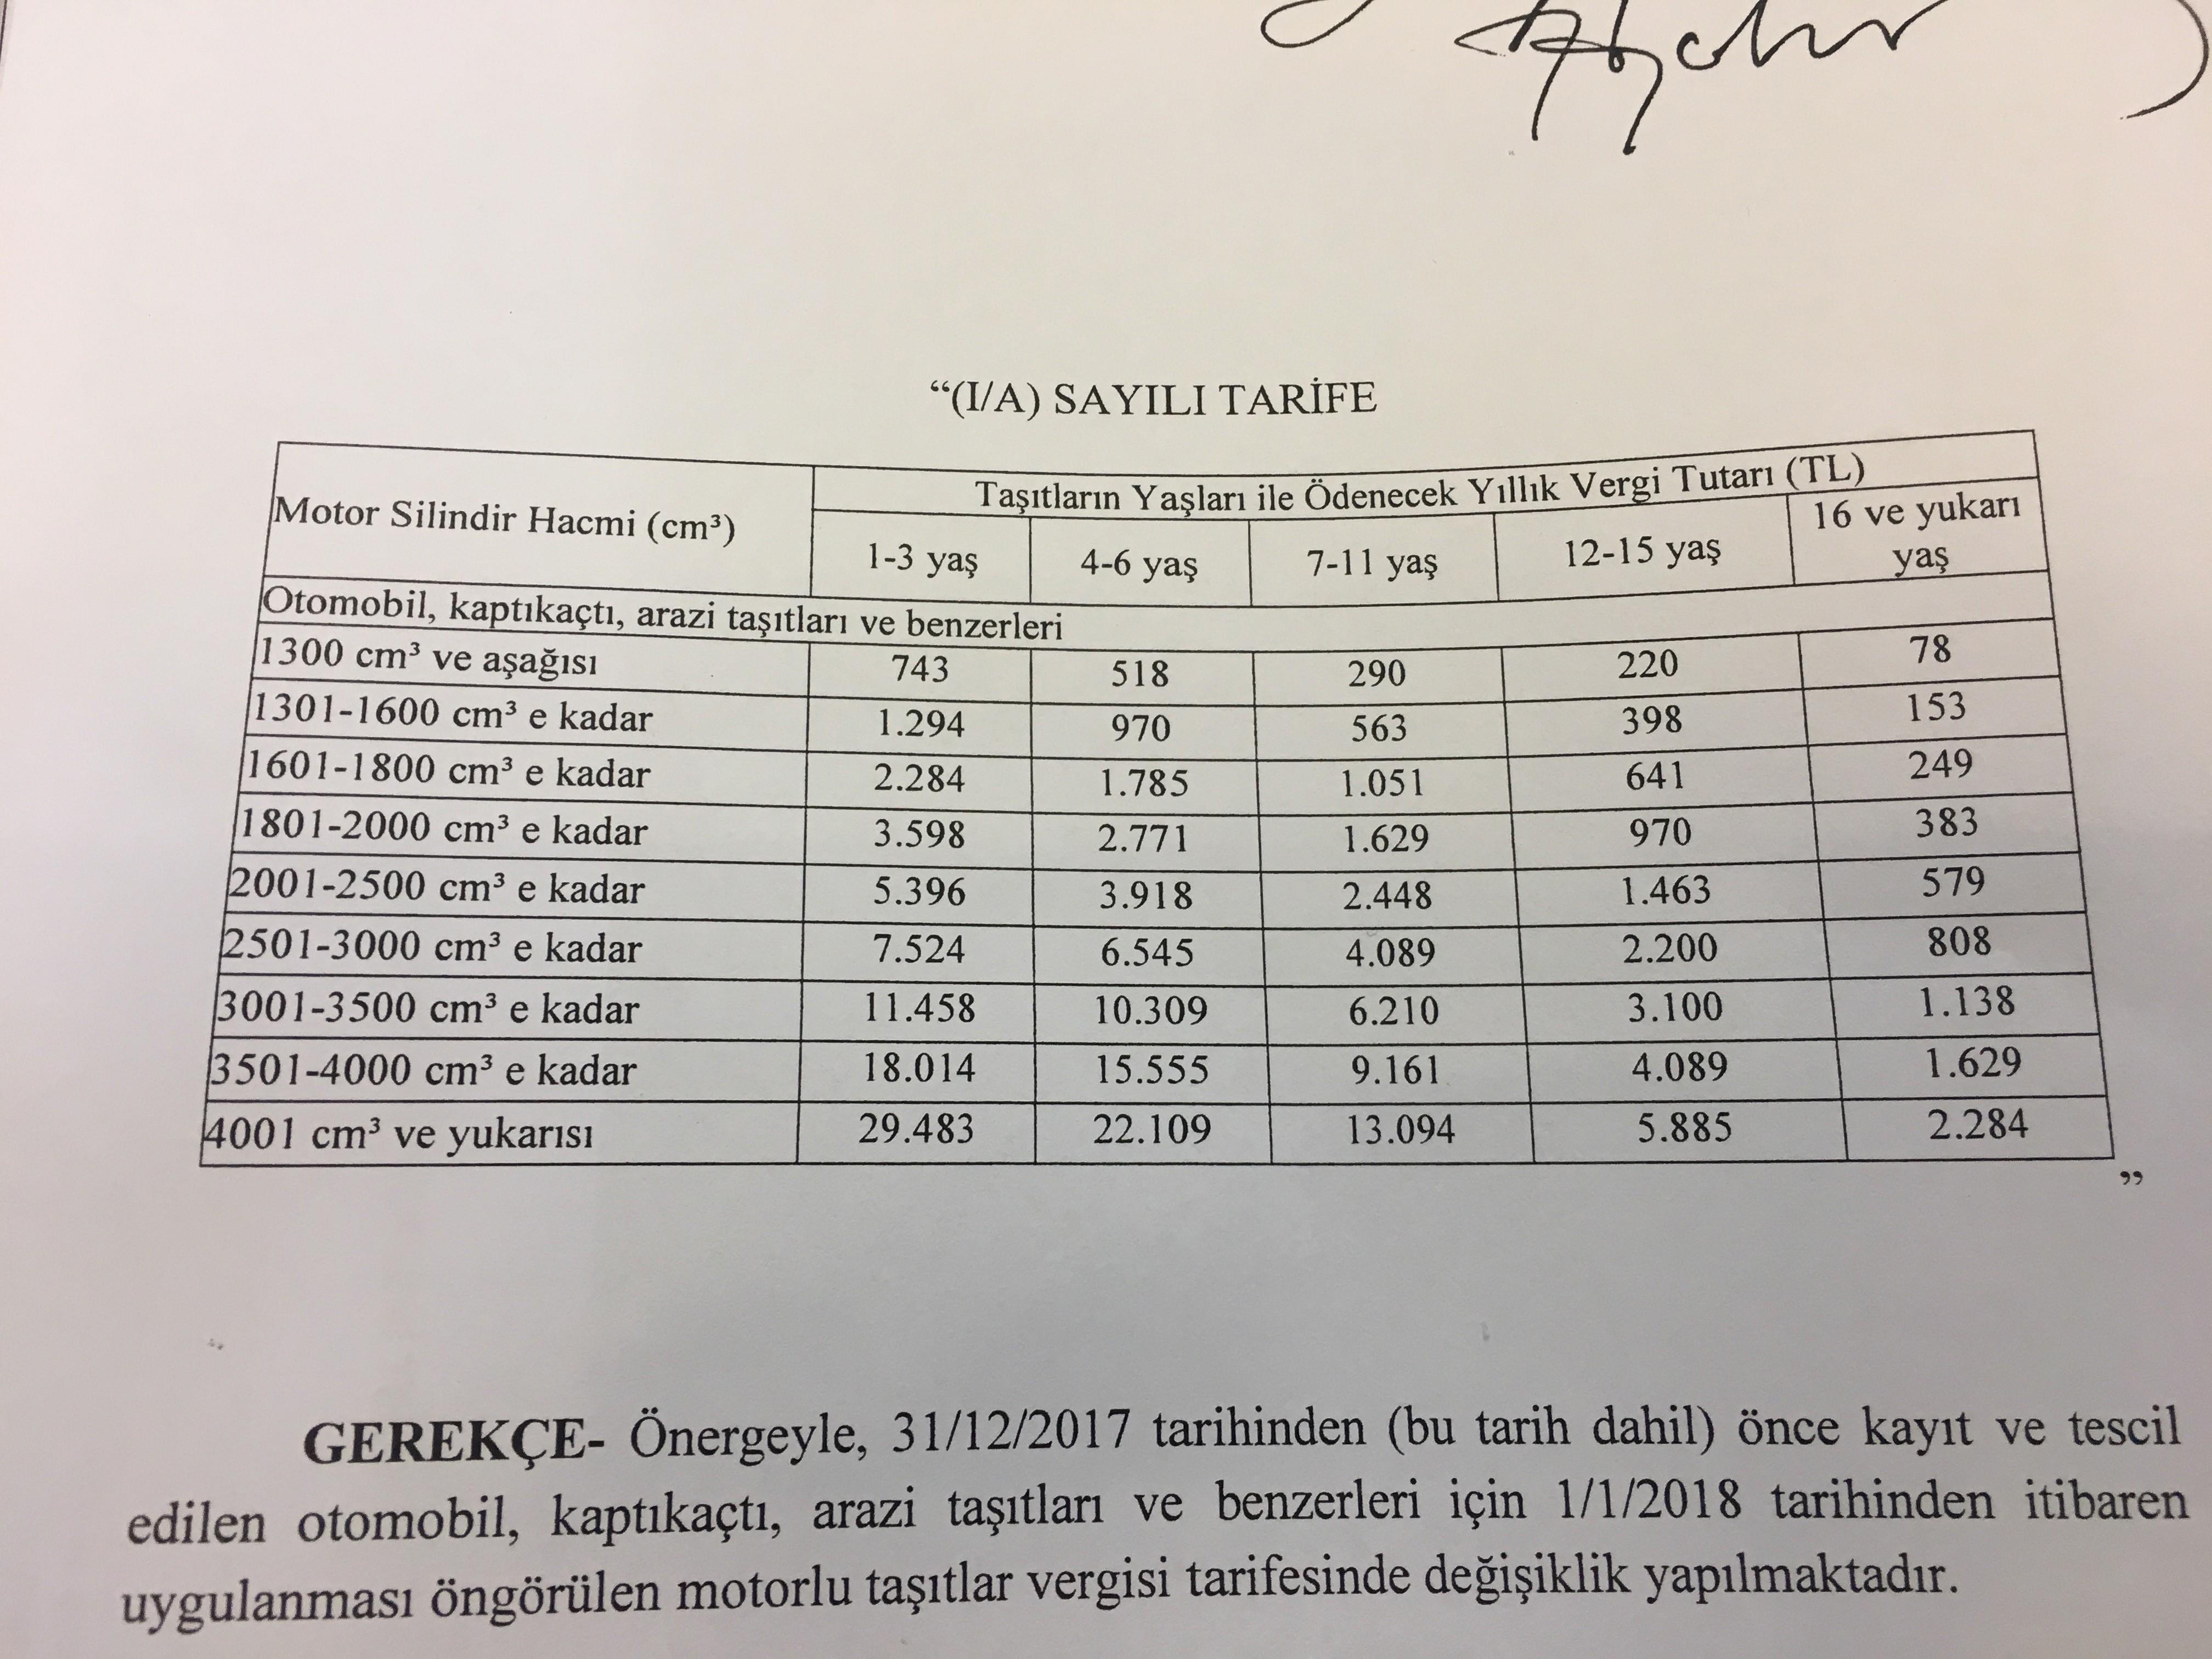 18017 Tarife Mtv 2020 Vasıta Vergisi Ne Kadar? Mtv 2020 Hesaplama